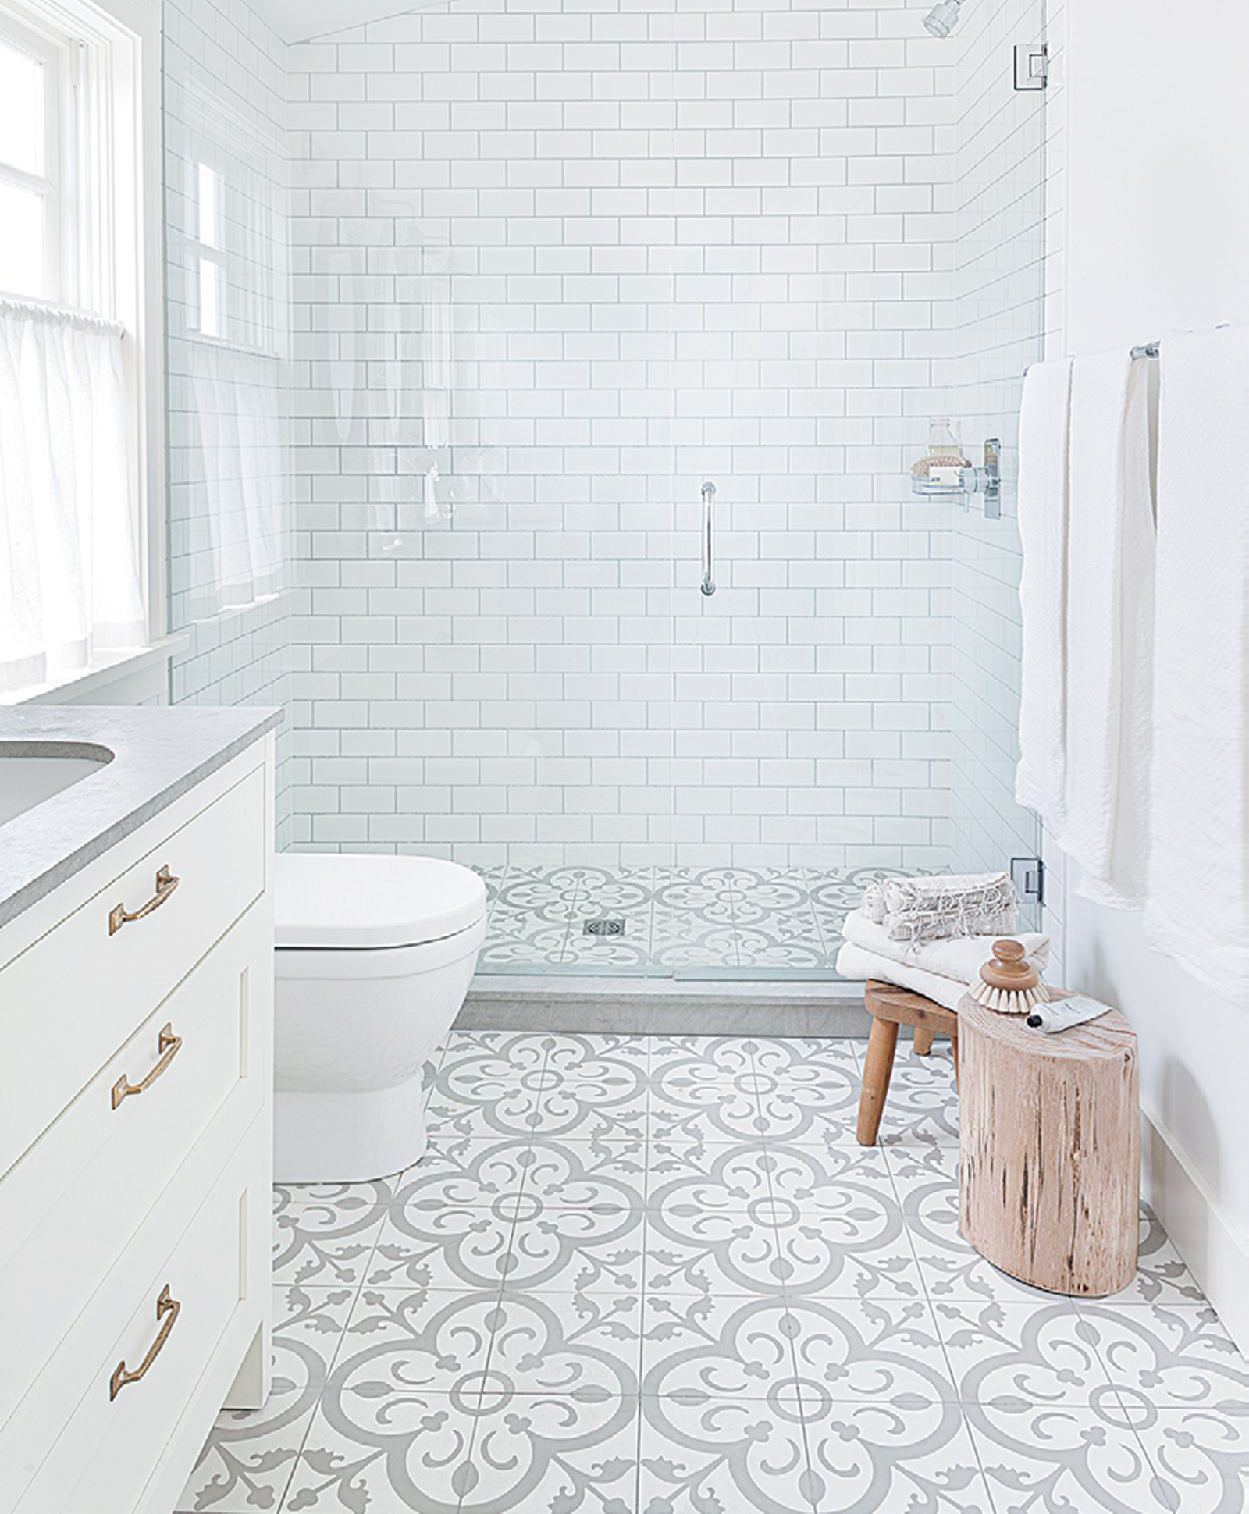 Badrum badrum kakel : 18 sätt att inreda med kakel och klinker | Kakel, Badrum och Inredning